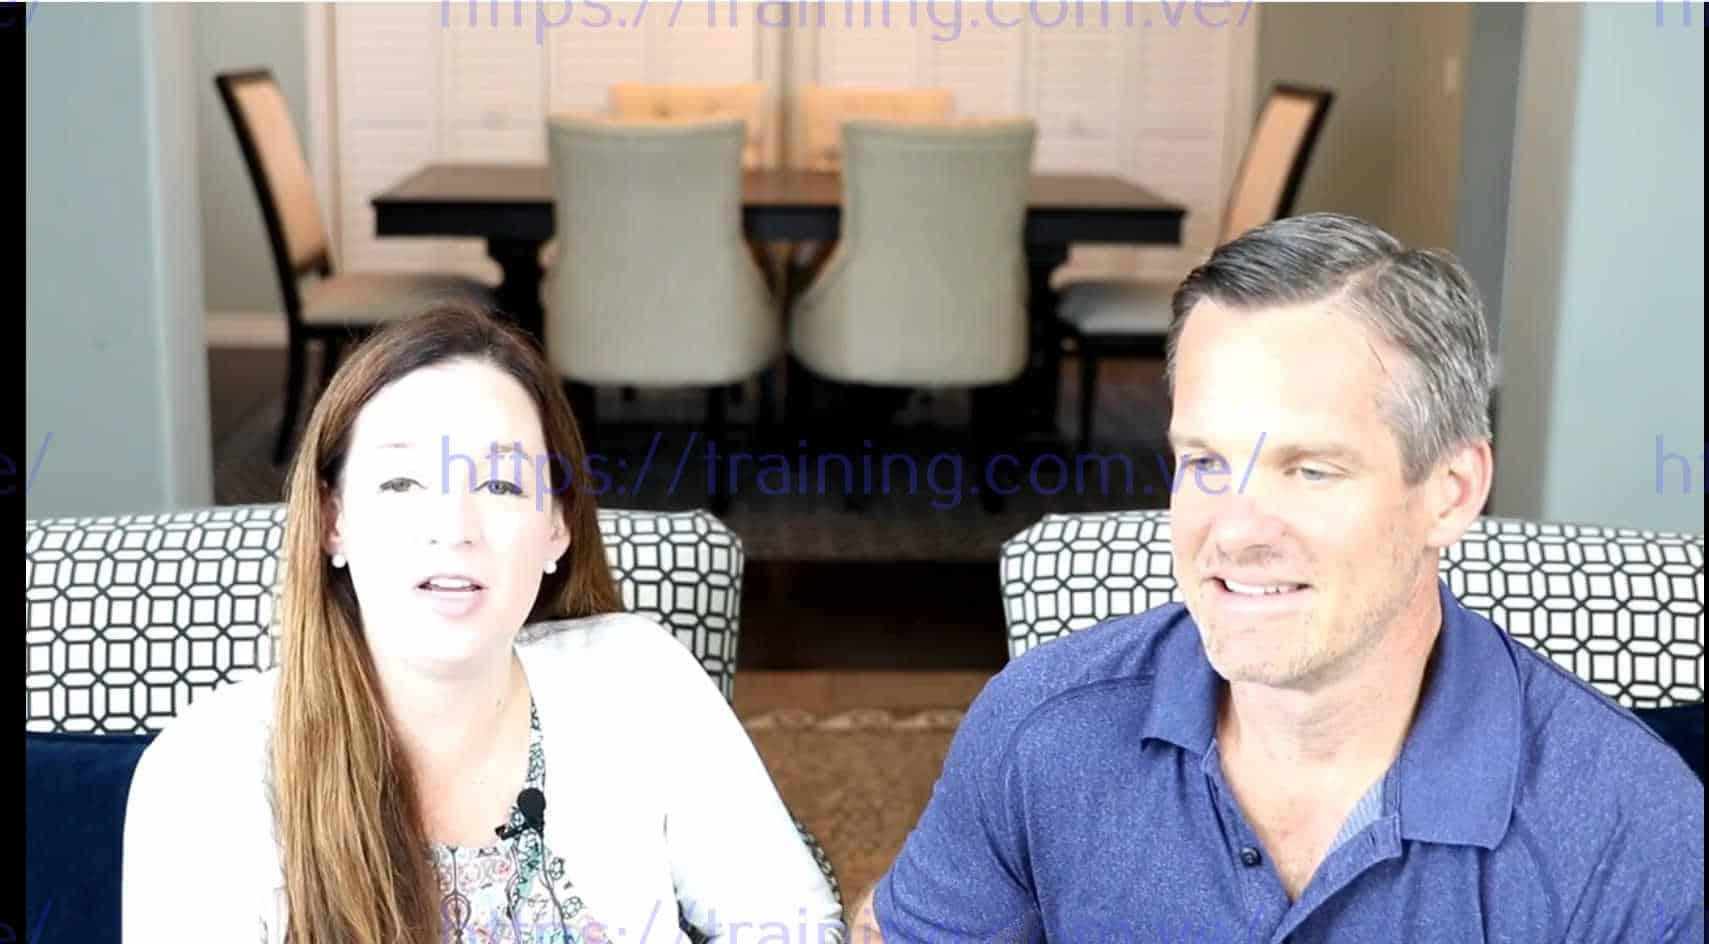 Blogging Blastoff by Heather Delaney Reese Get